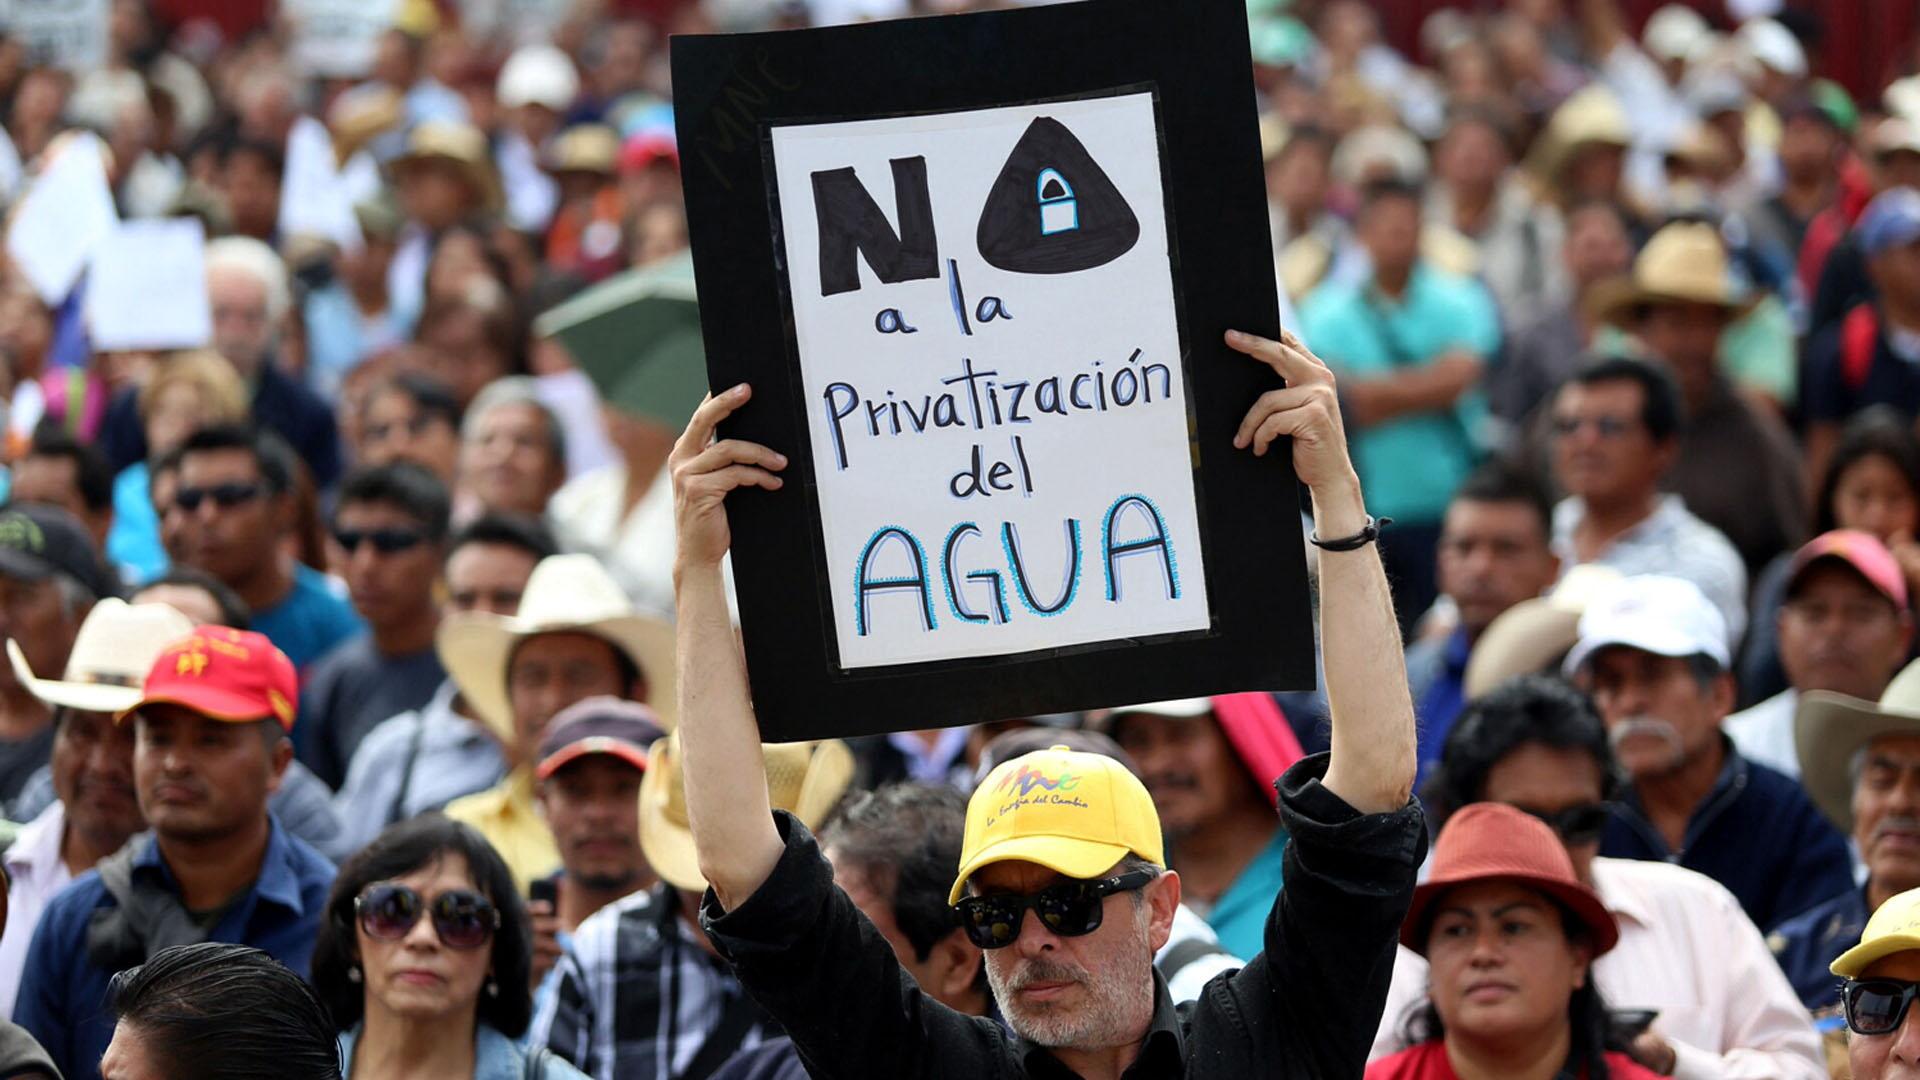 México: Fuerte oposición ciudadana a la privatización del agua